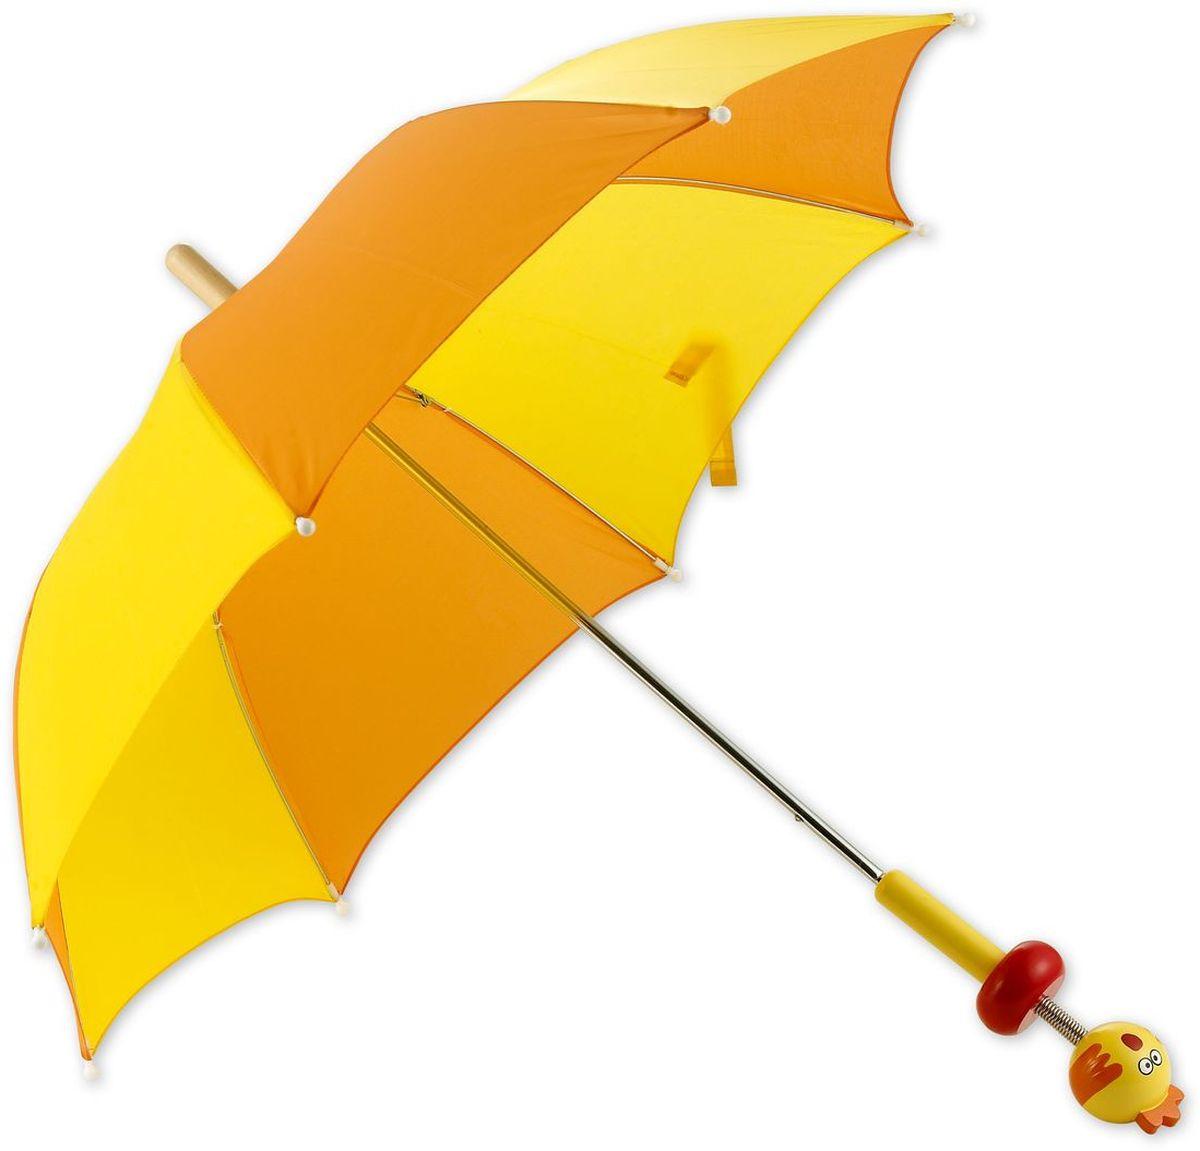 Classic World Зонт с ручкой ЦыпленокCX1516-50-10Современный зонтик с жесткими спицами, которые препятствуют его деформации под действием ветра. Защищает от солнечных лучей и осадков. Благодаря оригинальному и яркому дизайну ваш малыш всегда будет выглядеть стильно. Удобная рукоятка выполнена в виде цыпленка. Размеры зонтика идеально подходят для детей от 2 лет.